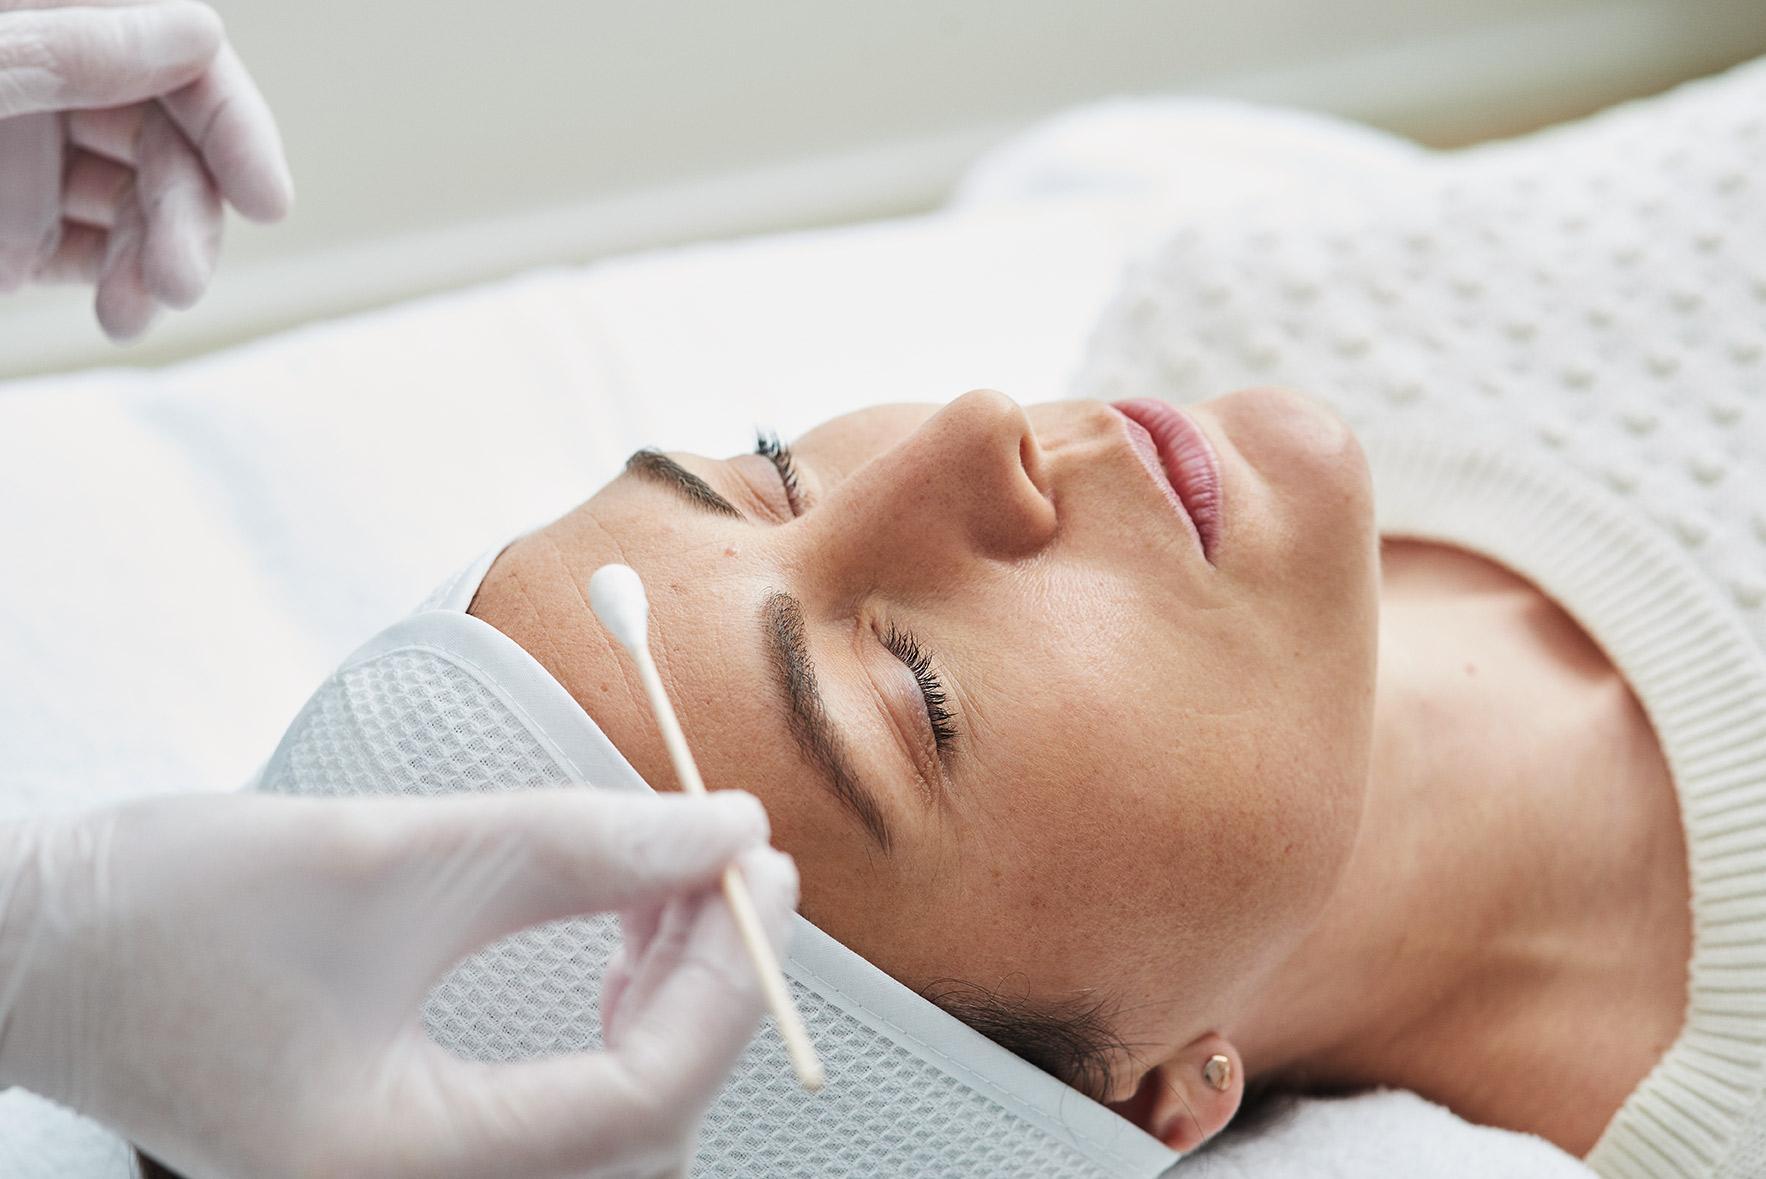 Kosmetologin dermatologiset kuorinnat